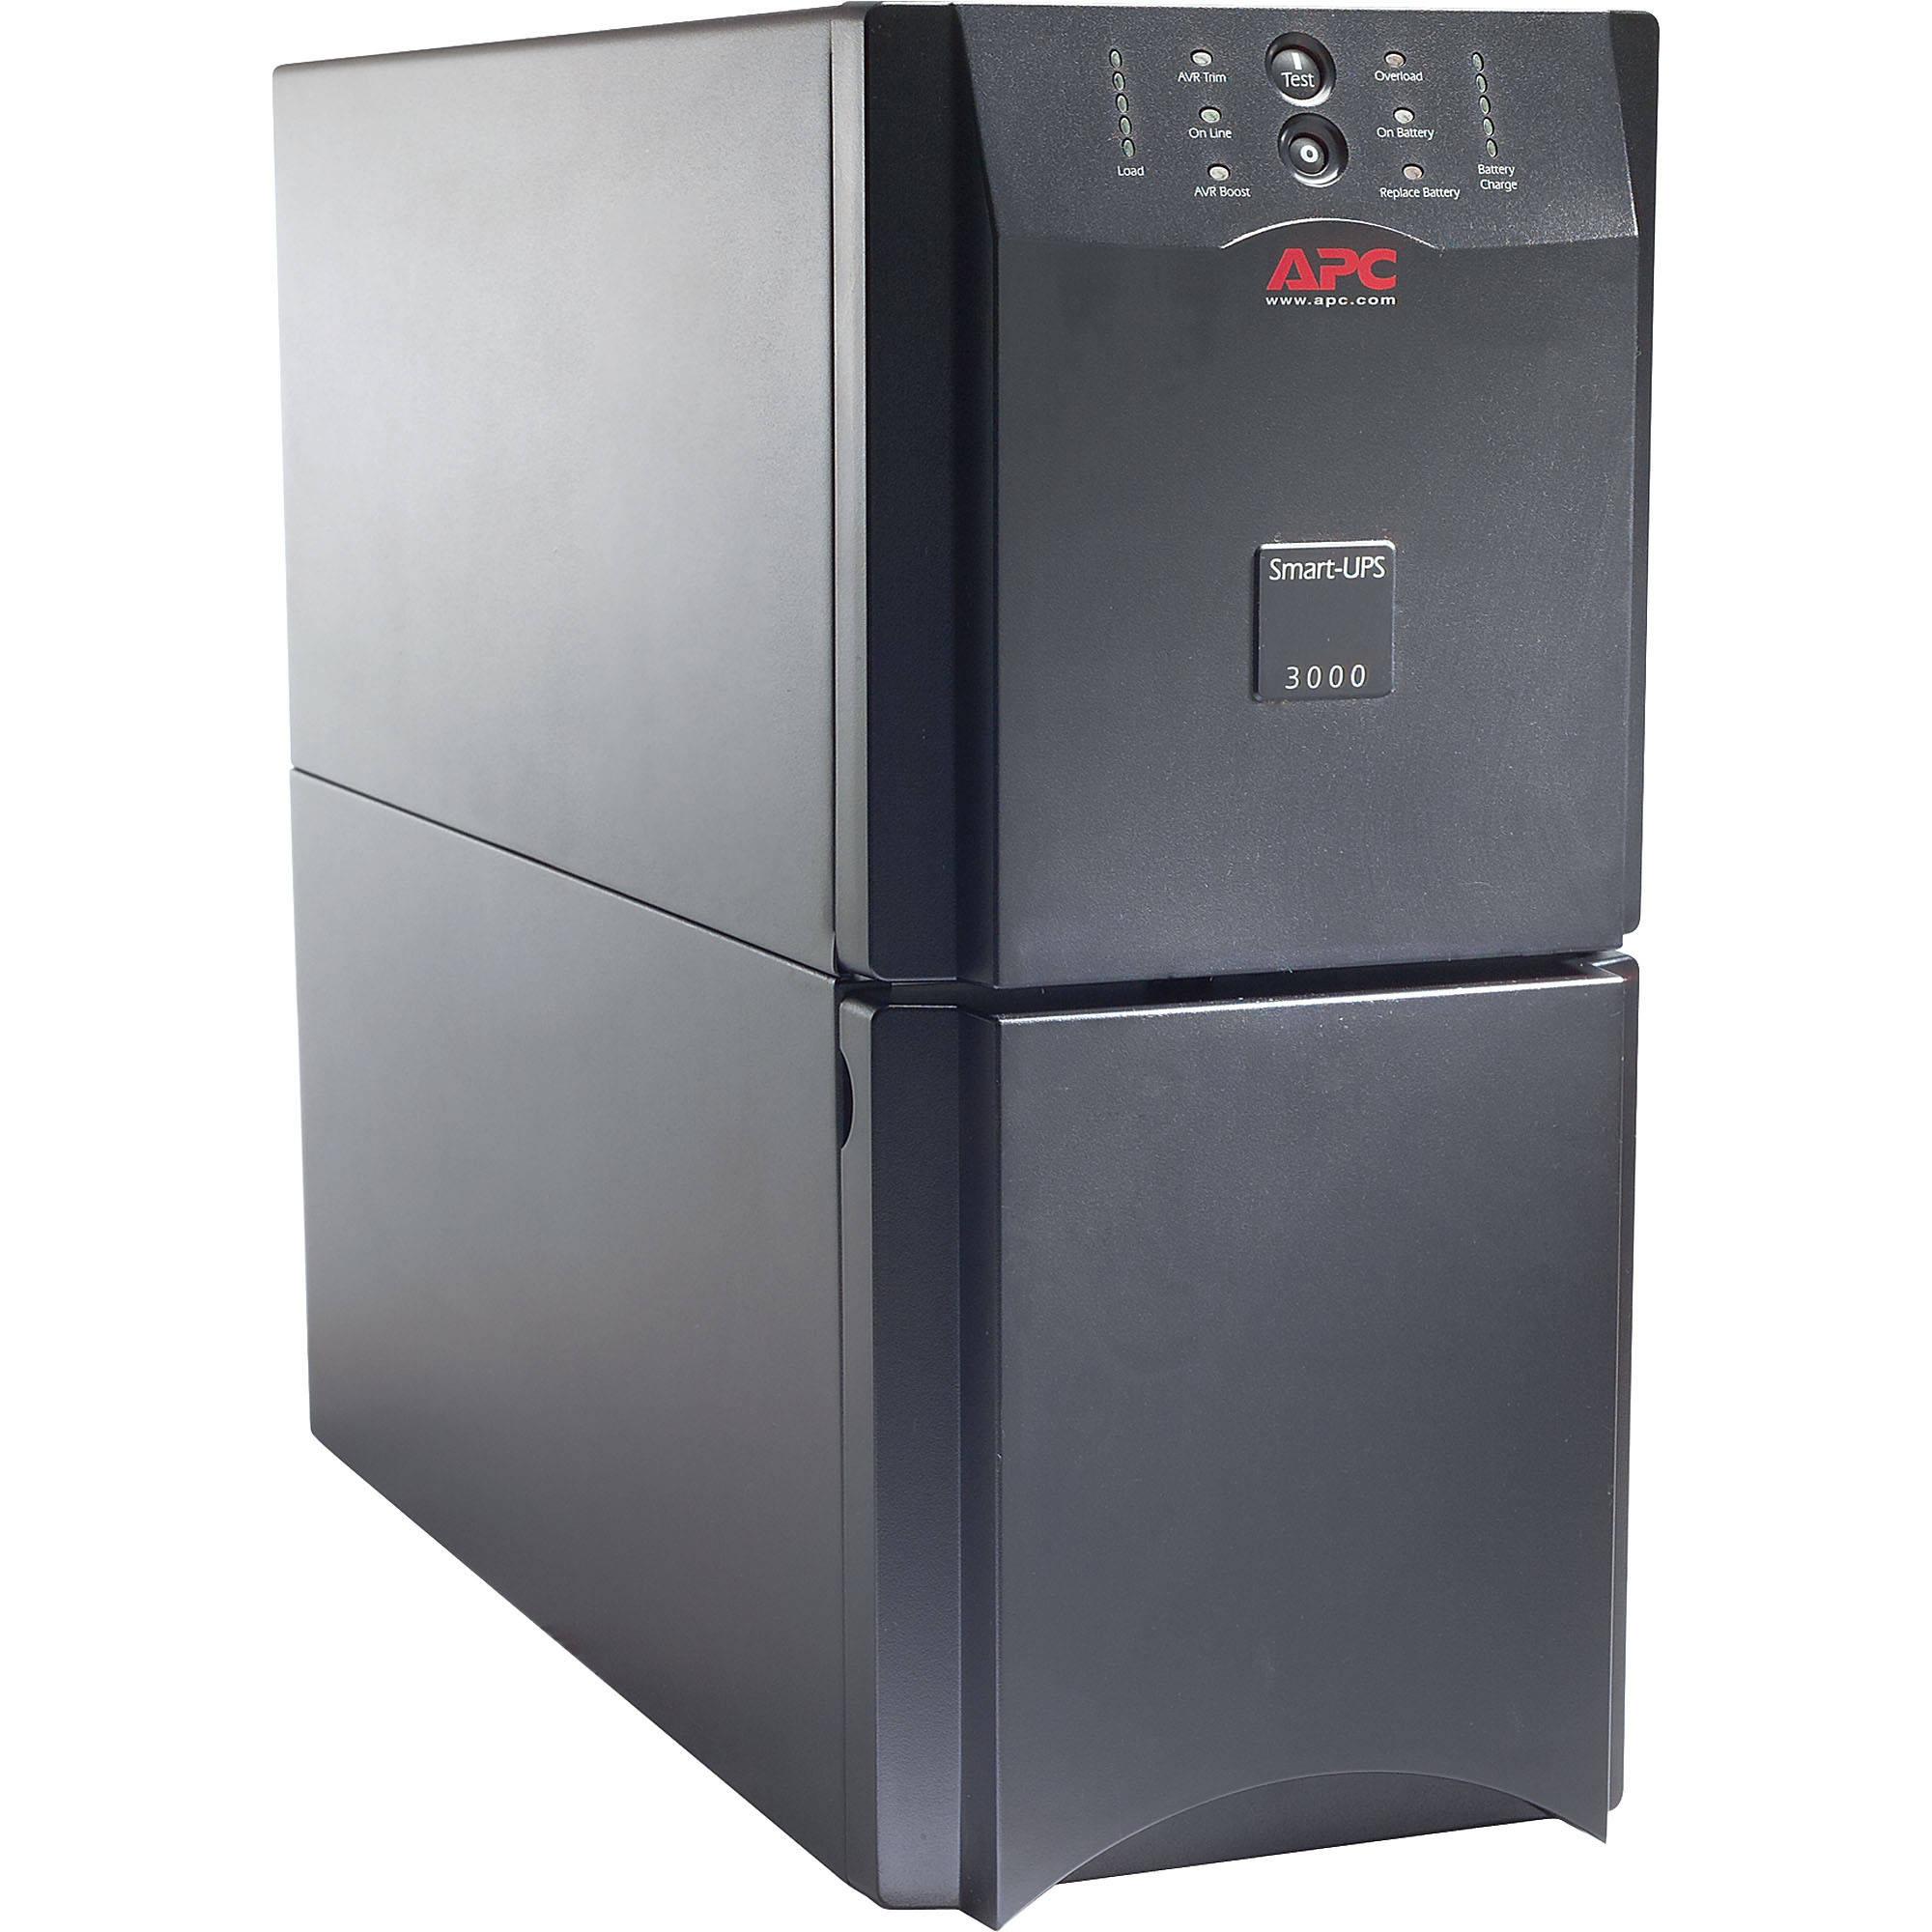 APC SUA3000 Smart-UPS 3000VA 120V